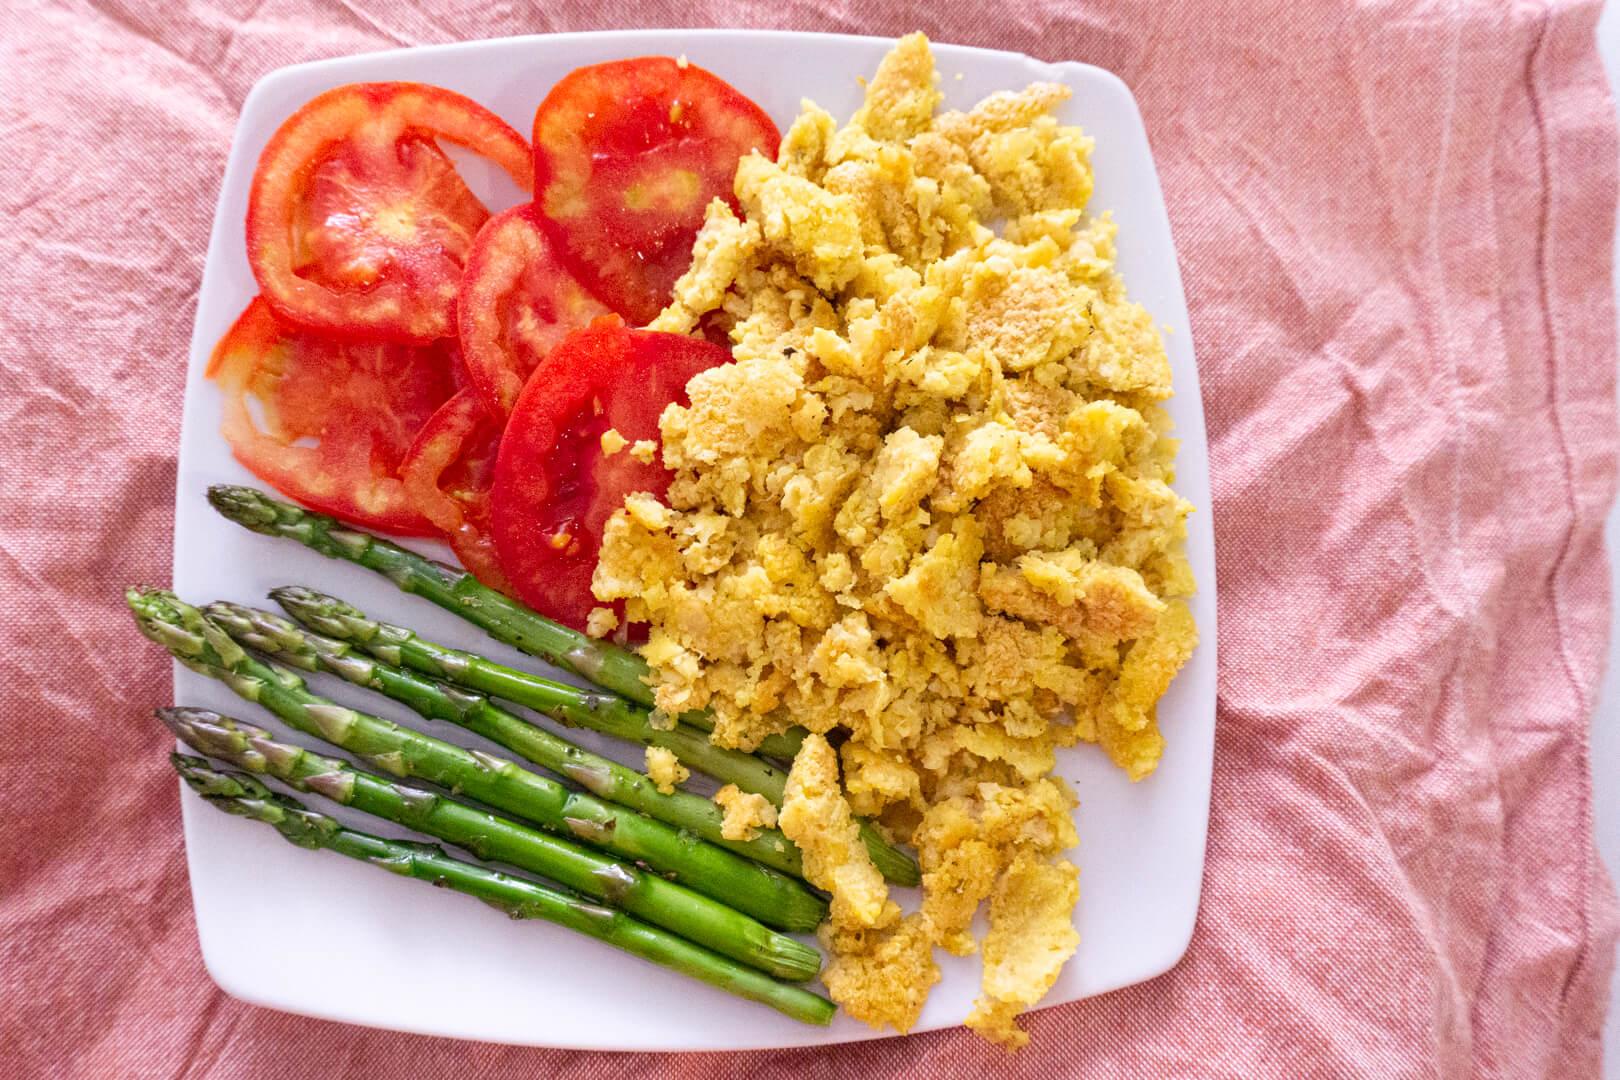 huevos revueltos veganos. Marta Atram